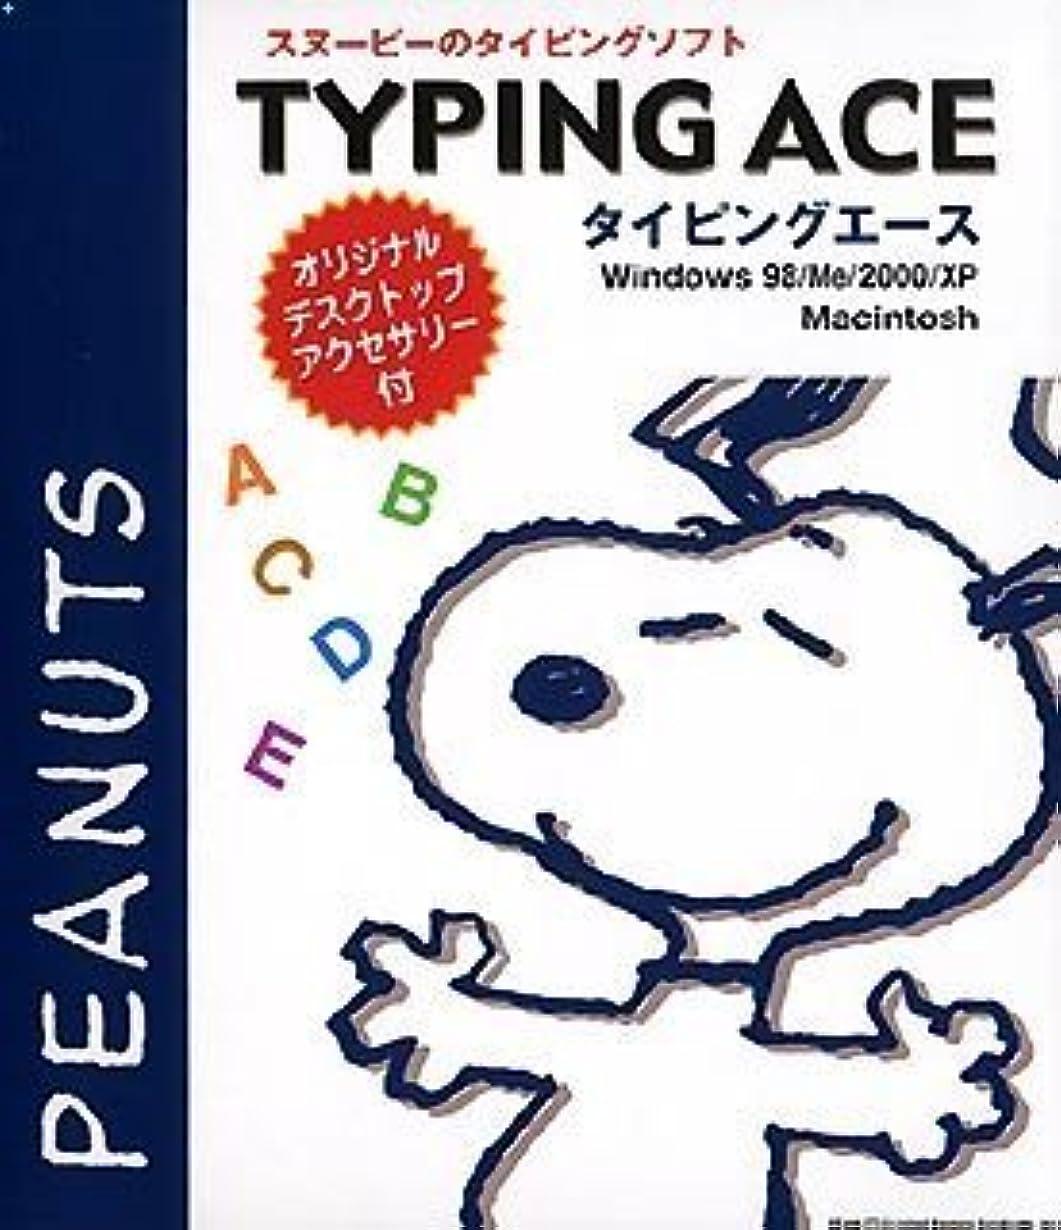 マイナス道徳教育暗黙スヌーピーのタイピングソフト TYPING ACE